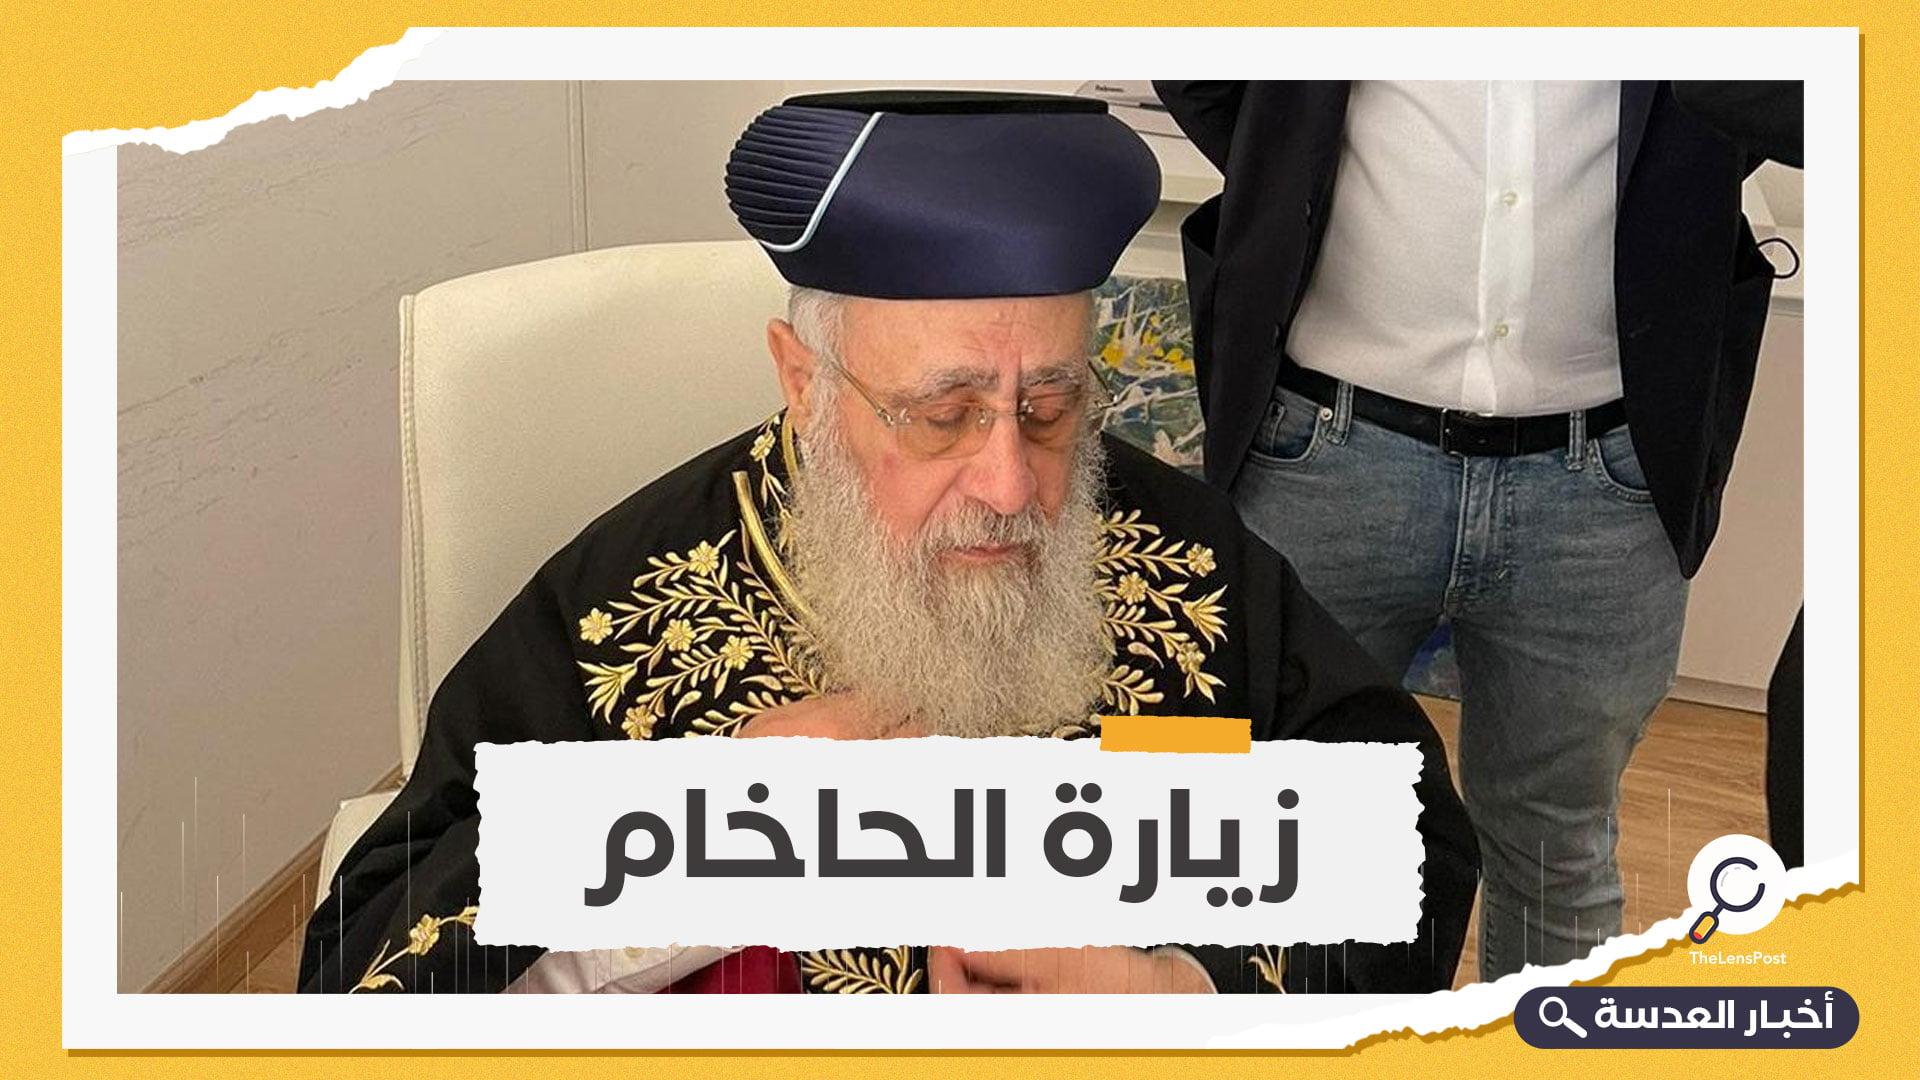 حاخام إسرائيل الأكبر يزور الإمارات ويصلى من أجل عيال زايد